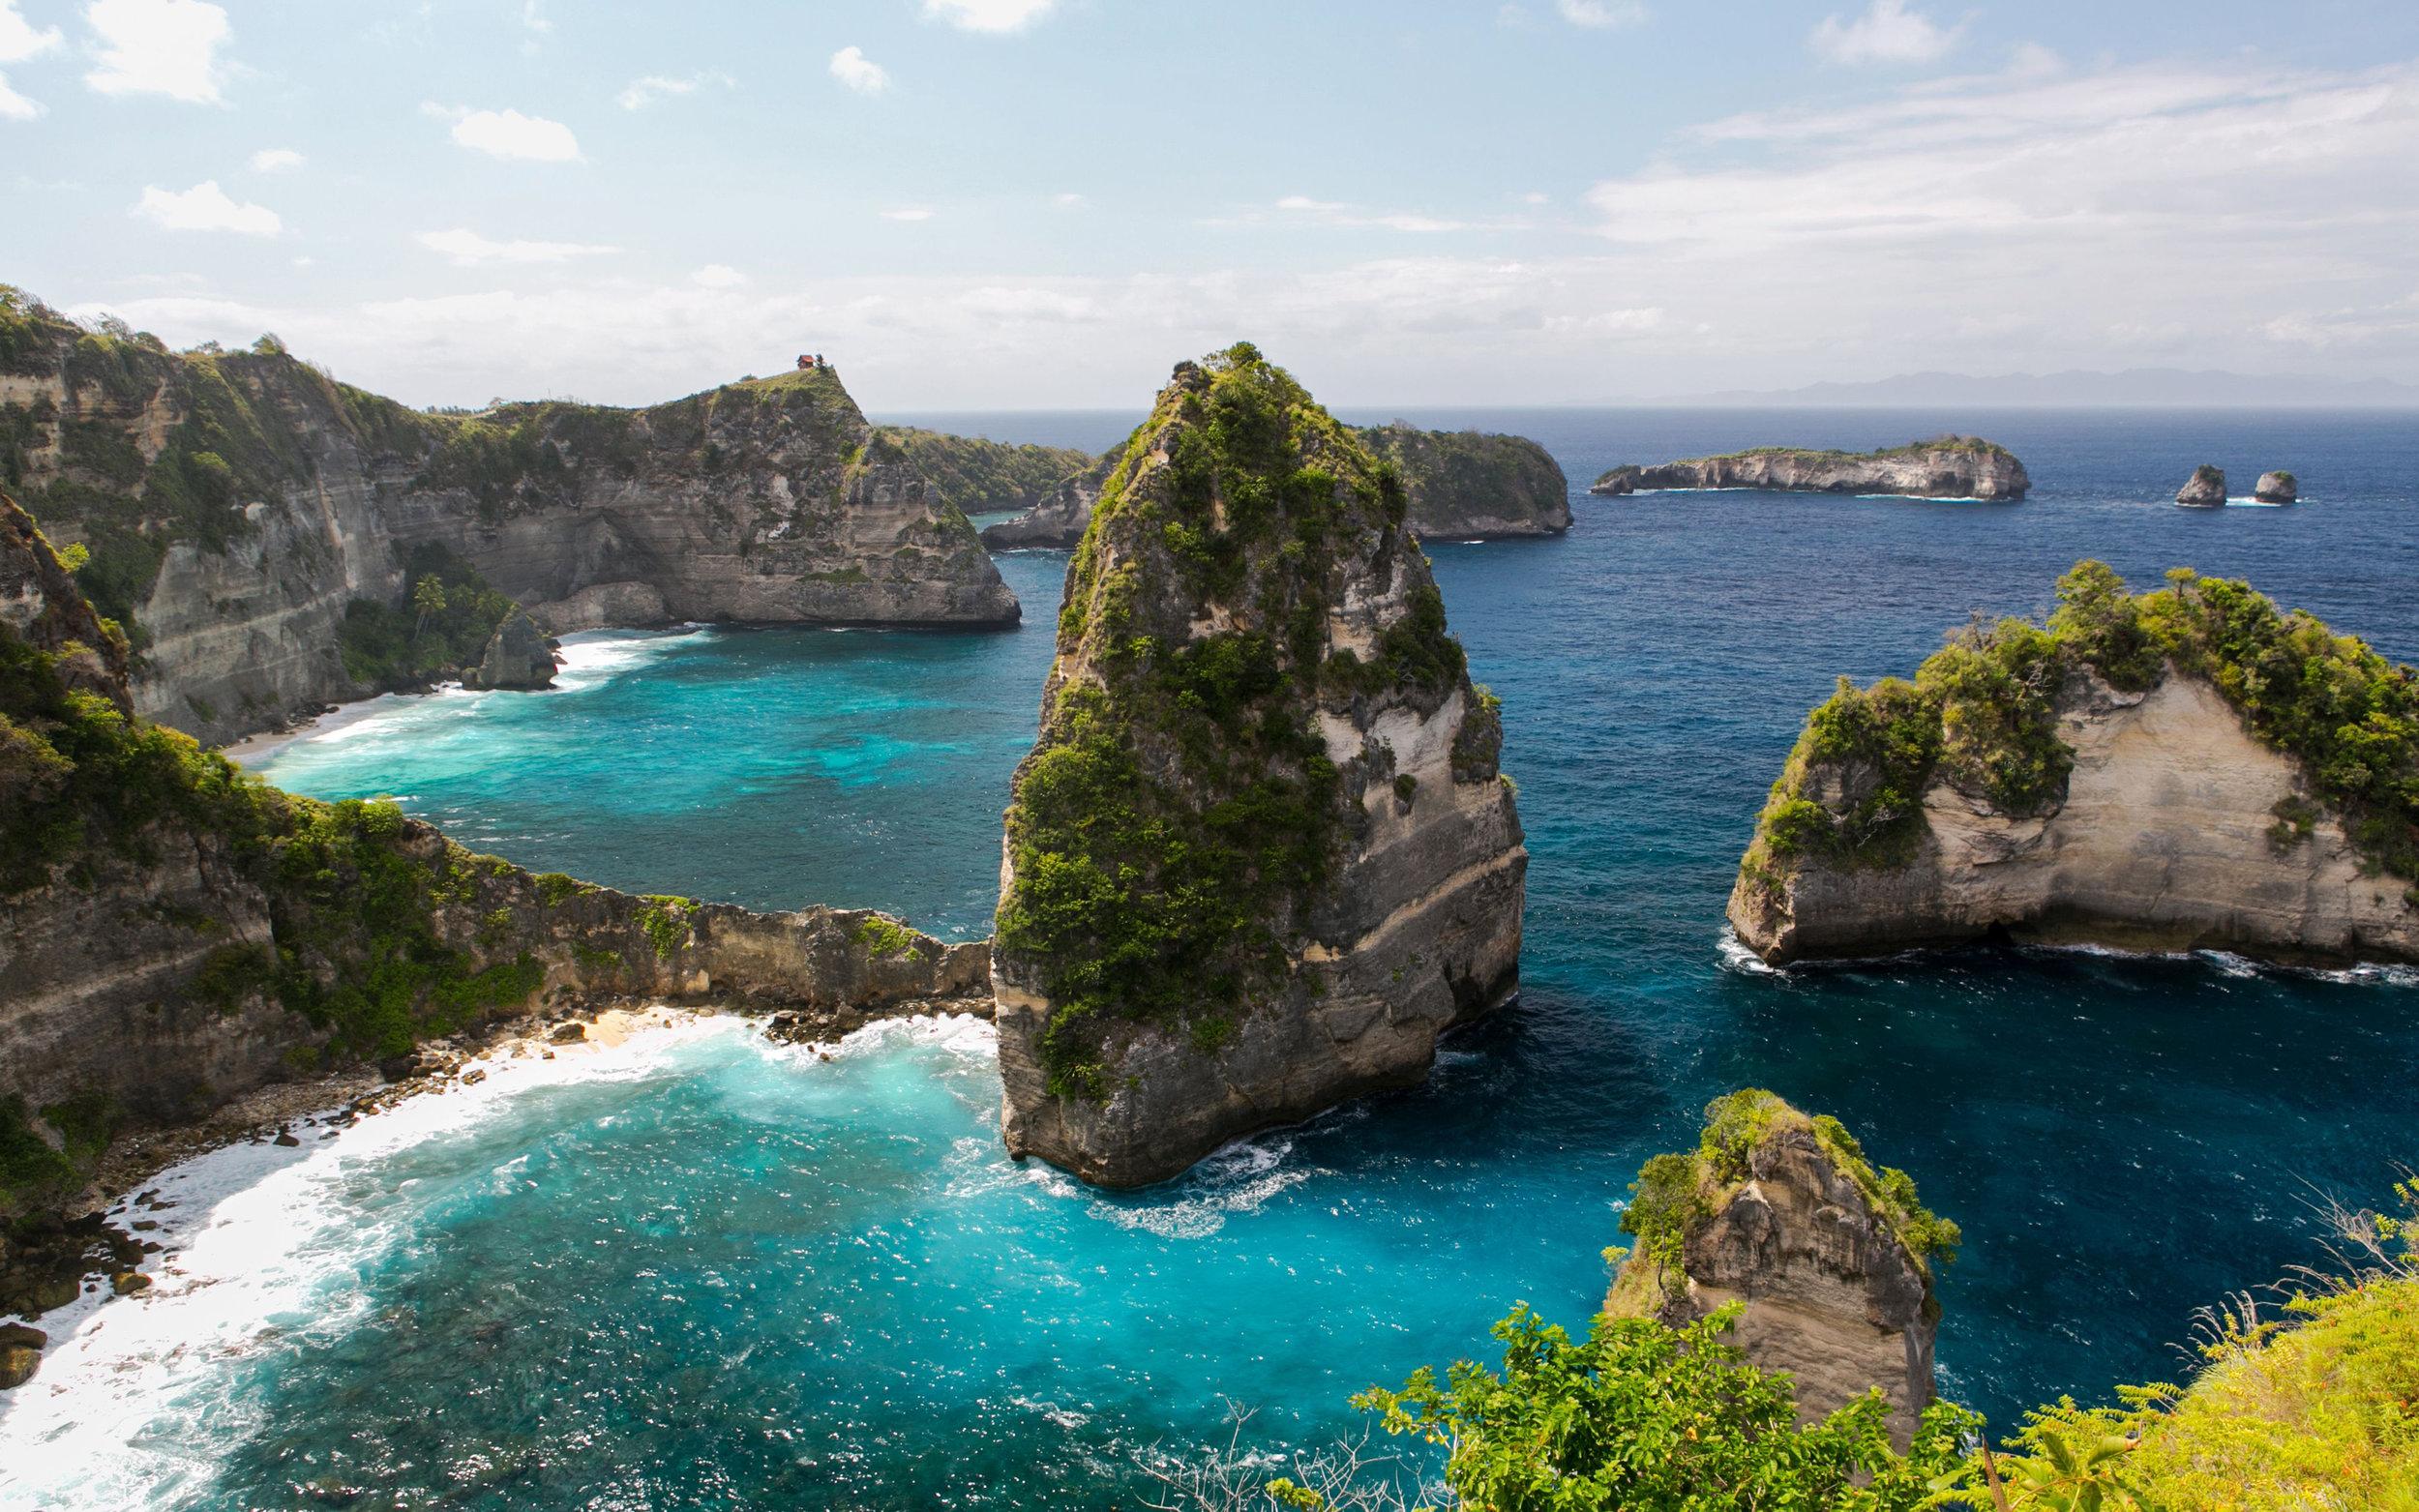 nusa-penida-island-4k-coast-sea-tropics.jpg